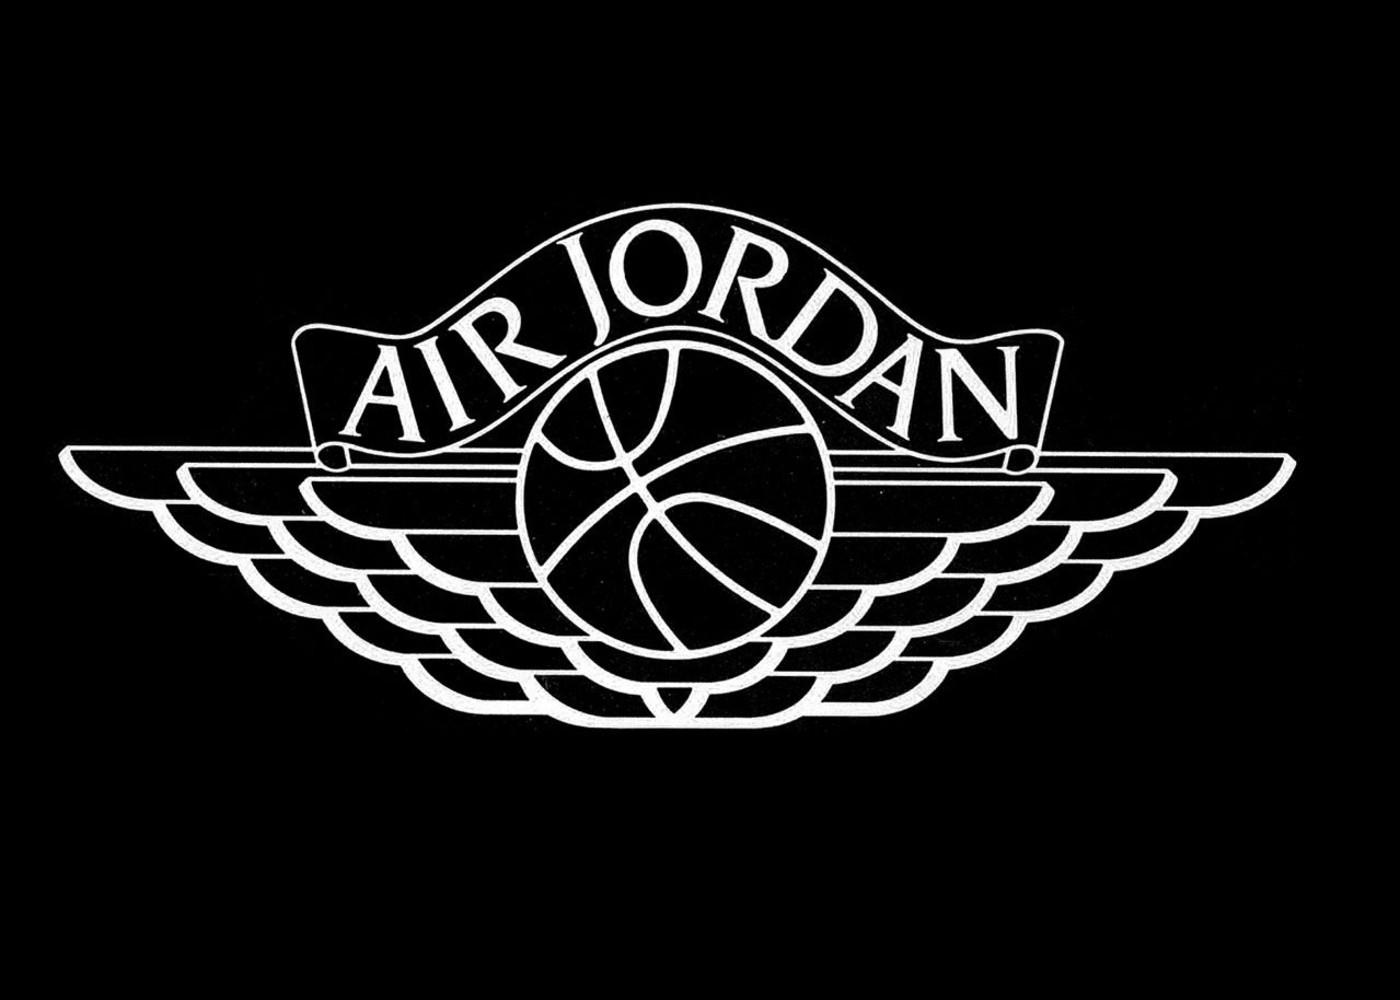 Логотип Jordan Wings